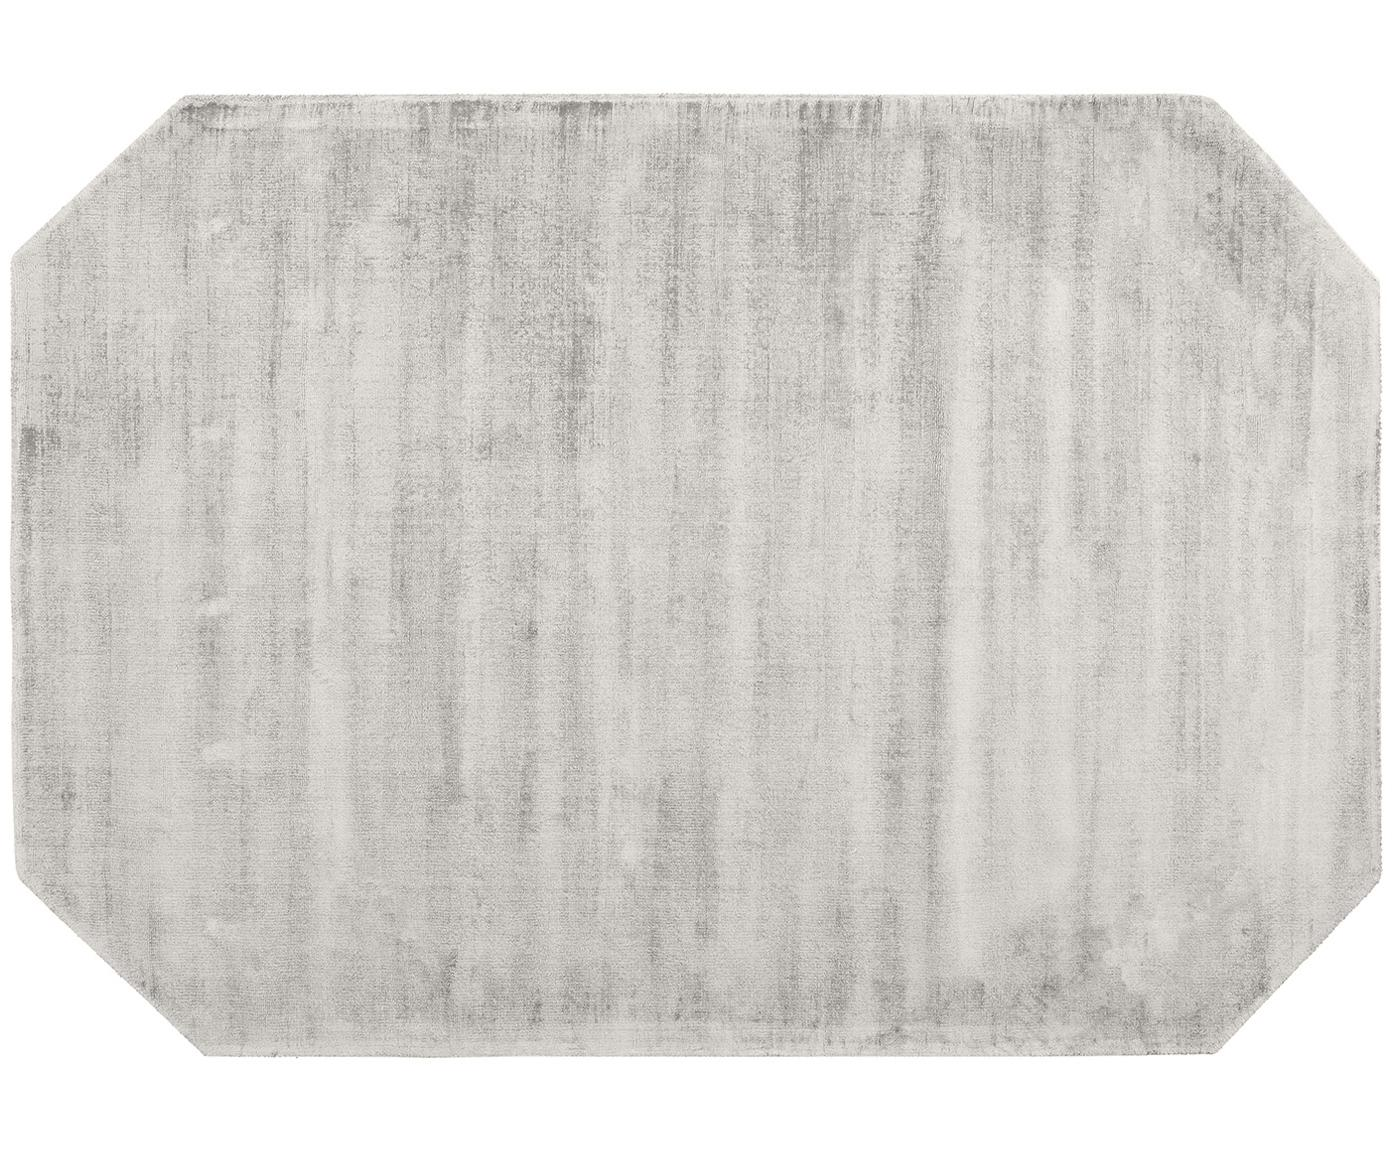 Viscose vloerkleed Jane Diamond, Bovenzijde: 100% viscose, Onderzijde: 100% katoen, Lichtgrijs-beige, 120 x 180 cm